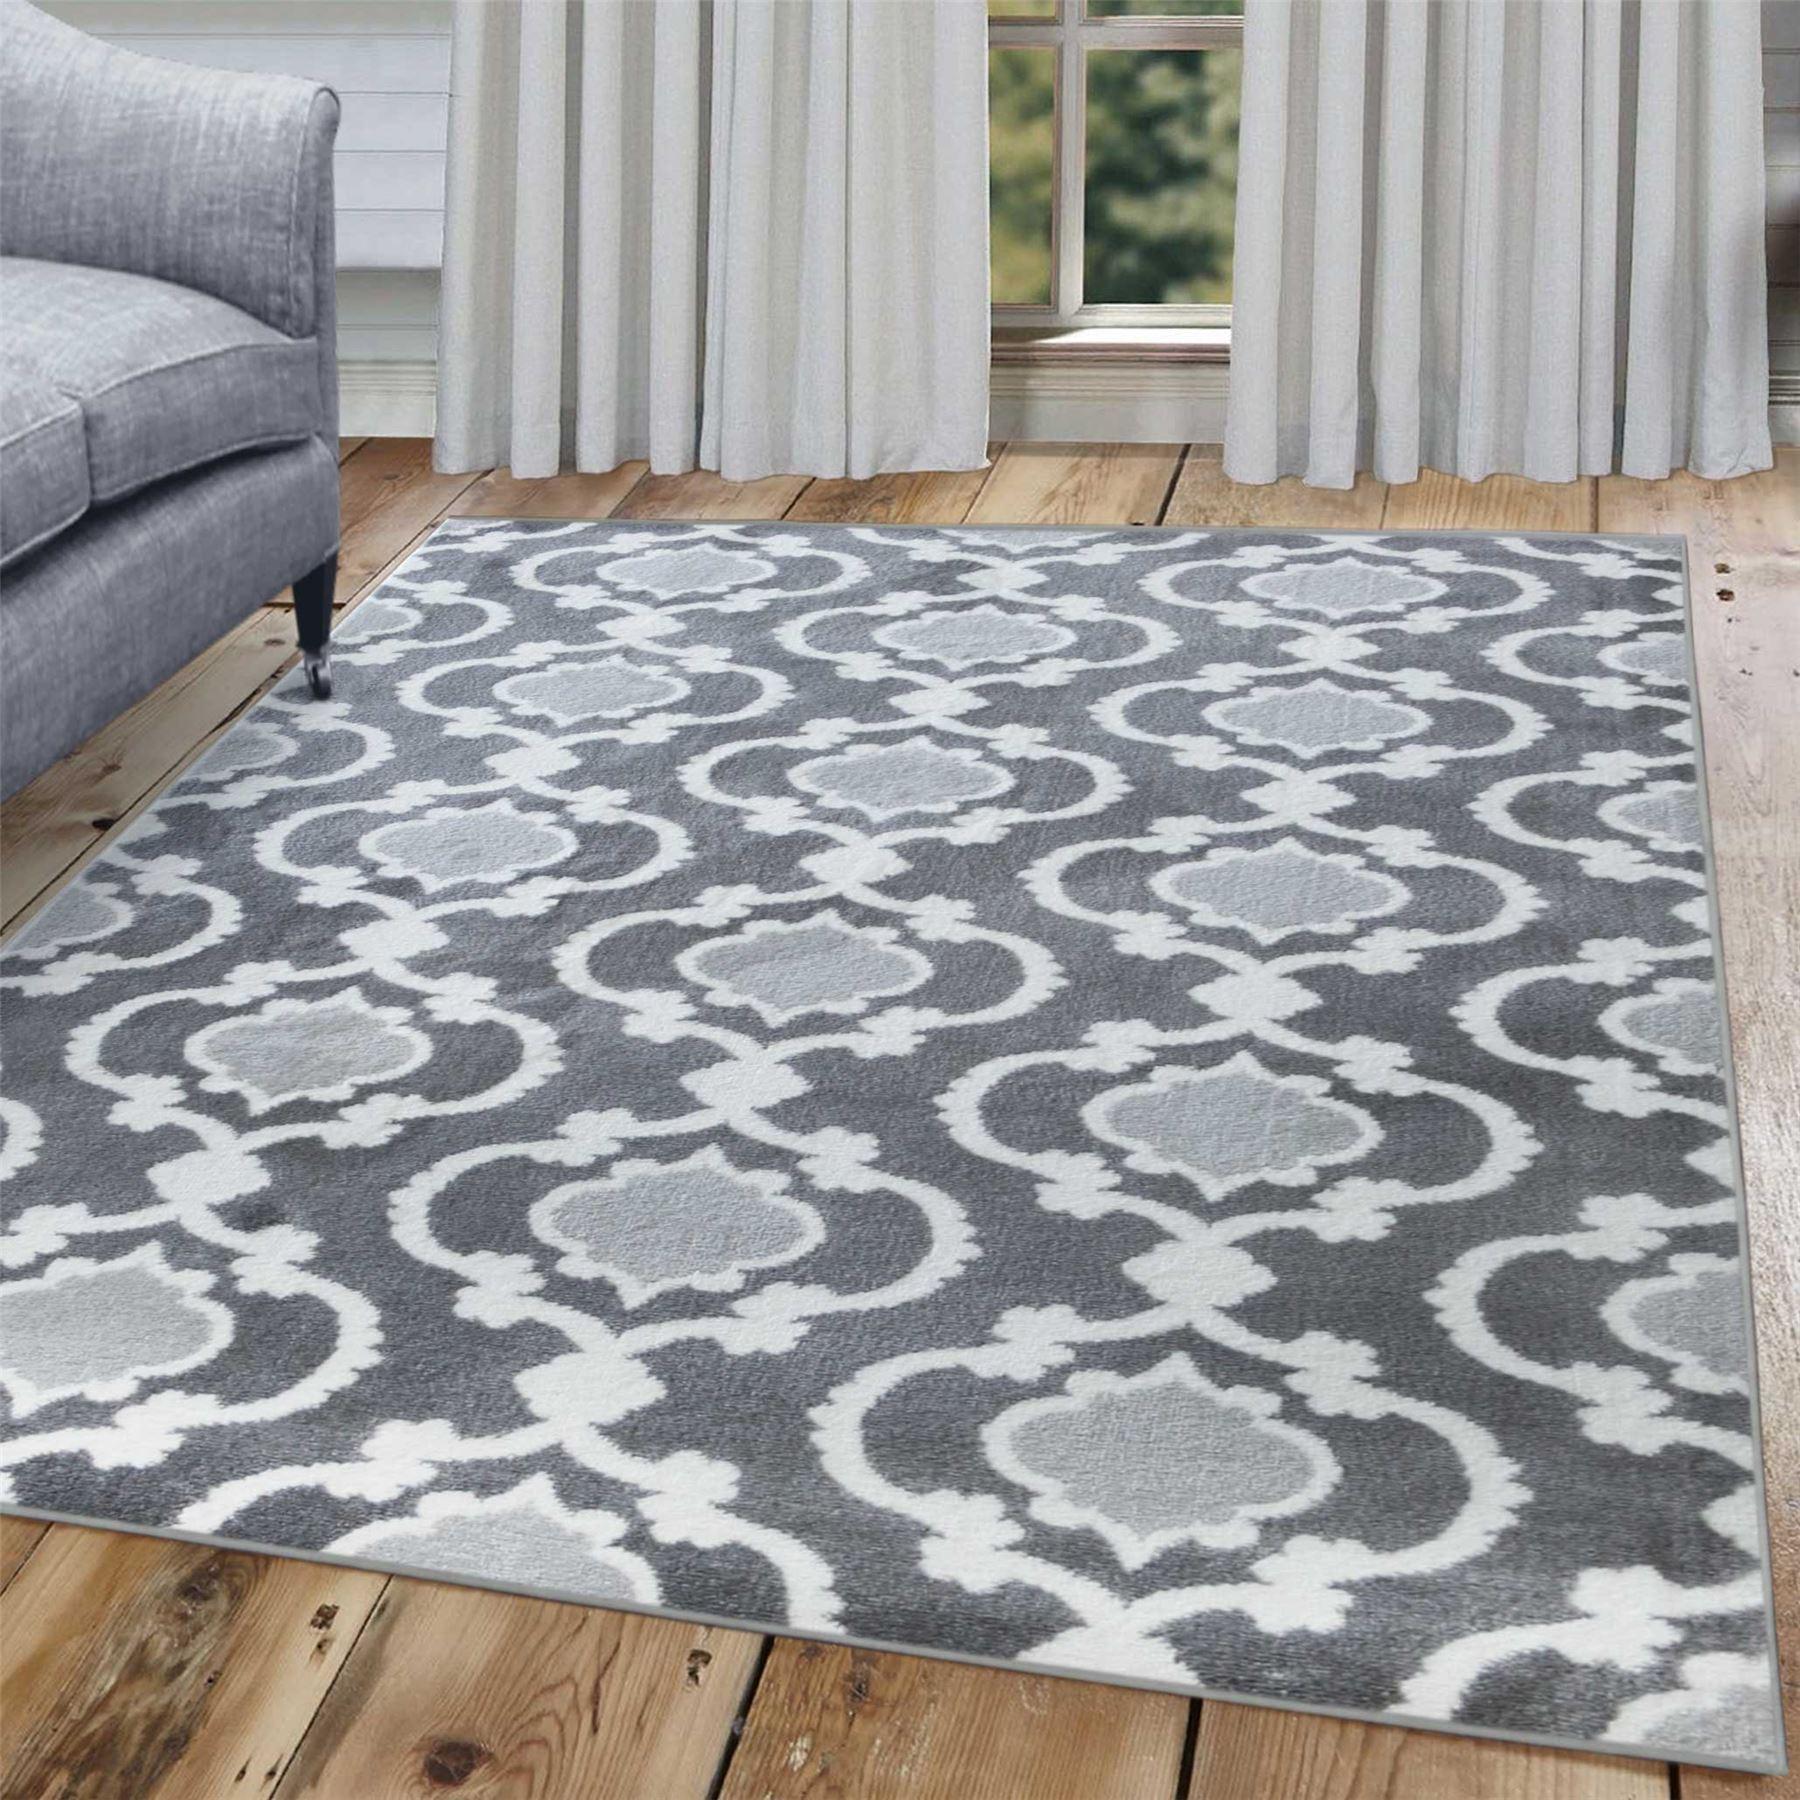 A2Z-grigio-grande-mix-di-moderni-tappeti-corridori-bianchi-a-contrasto-Traliccio-Design-Tappeti miniatura 4